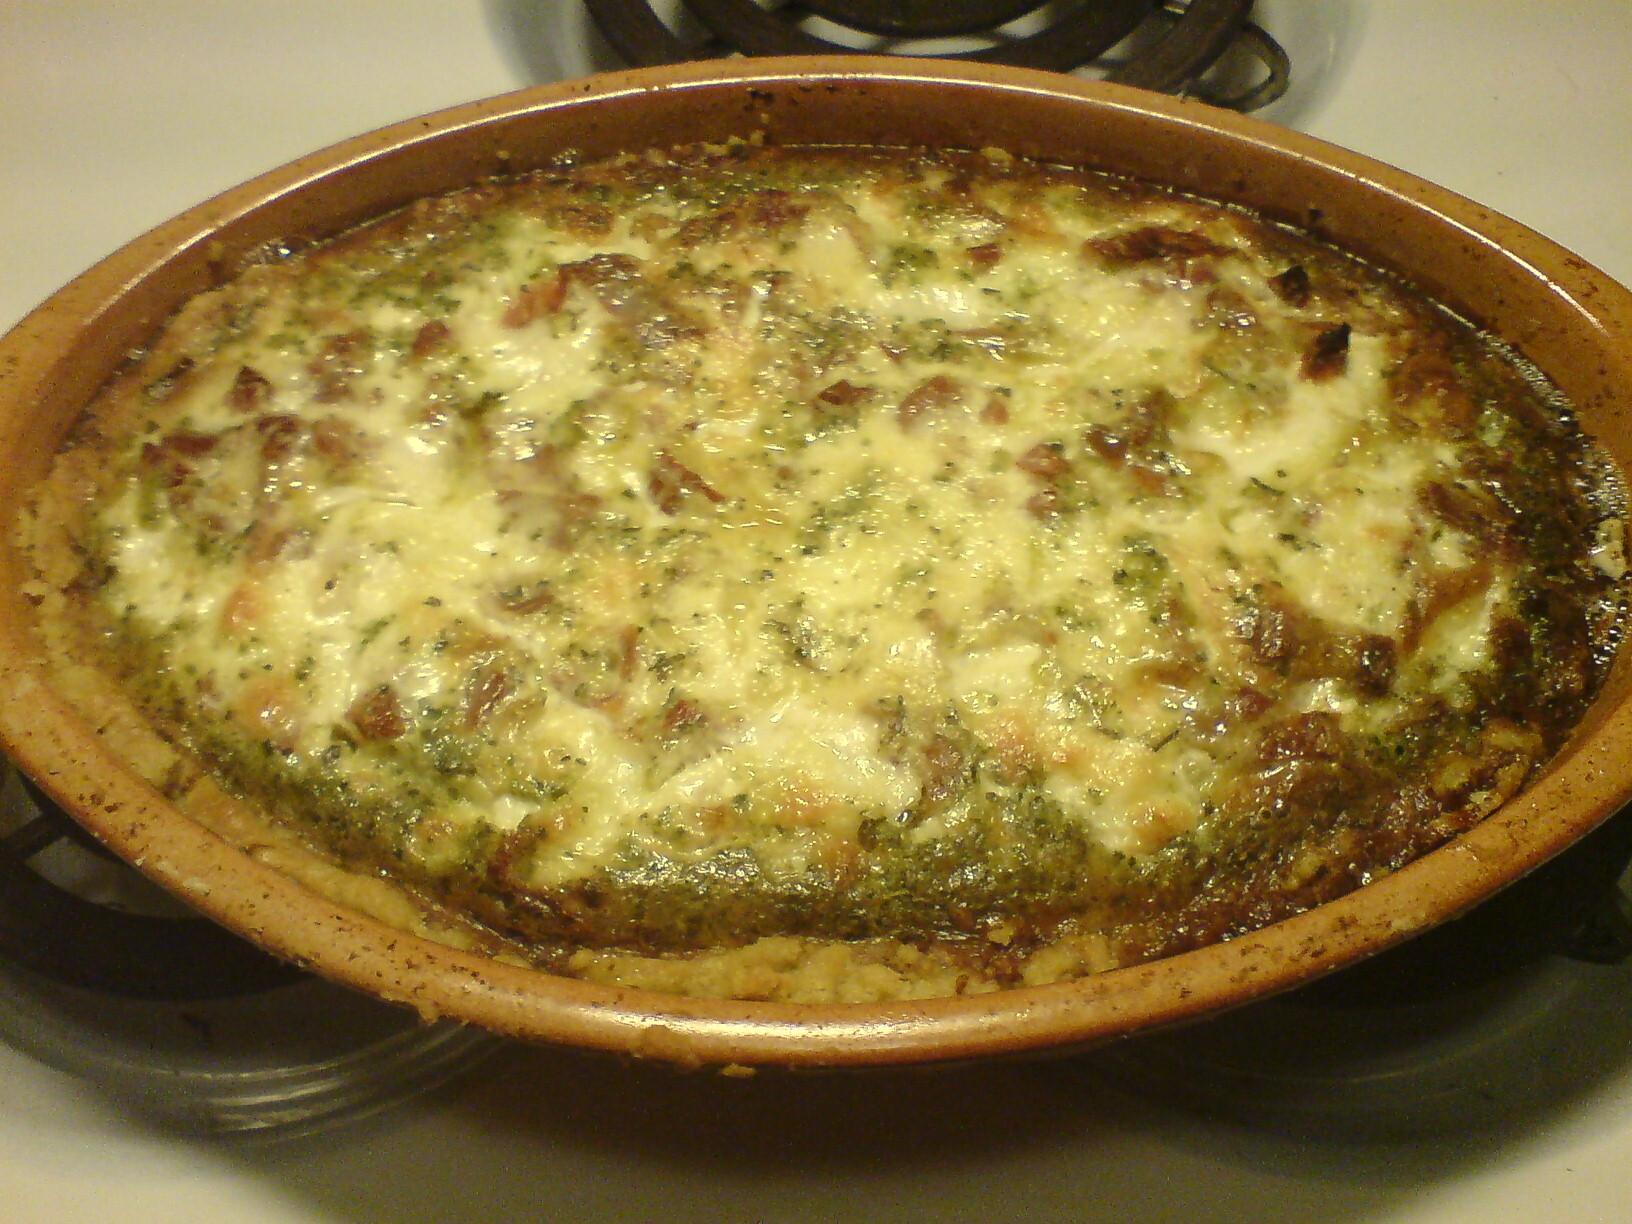 italiensk paj med mozzarella och pesto